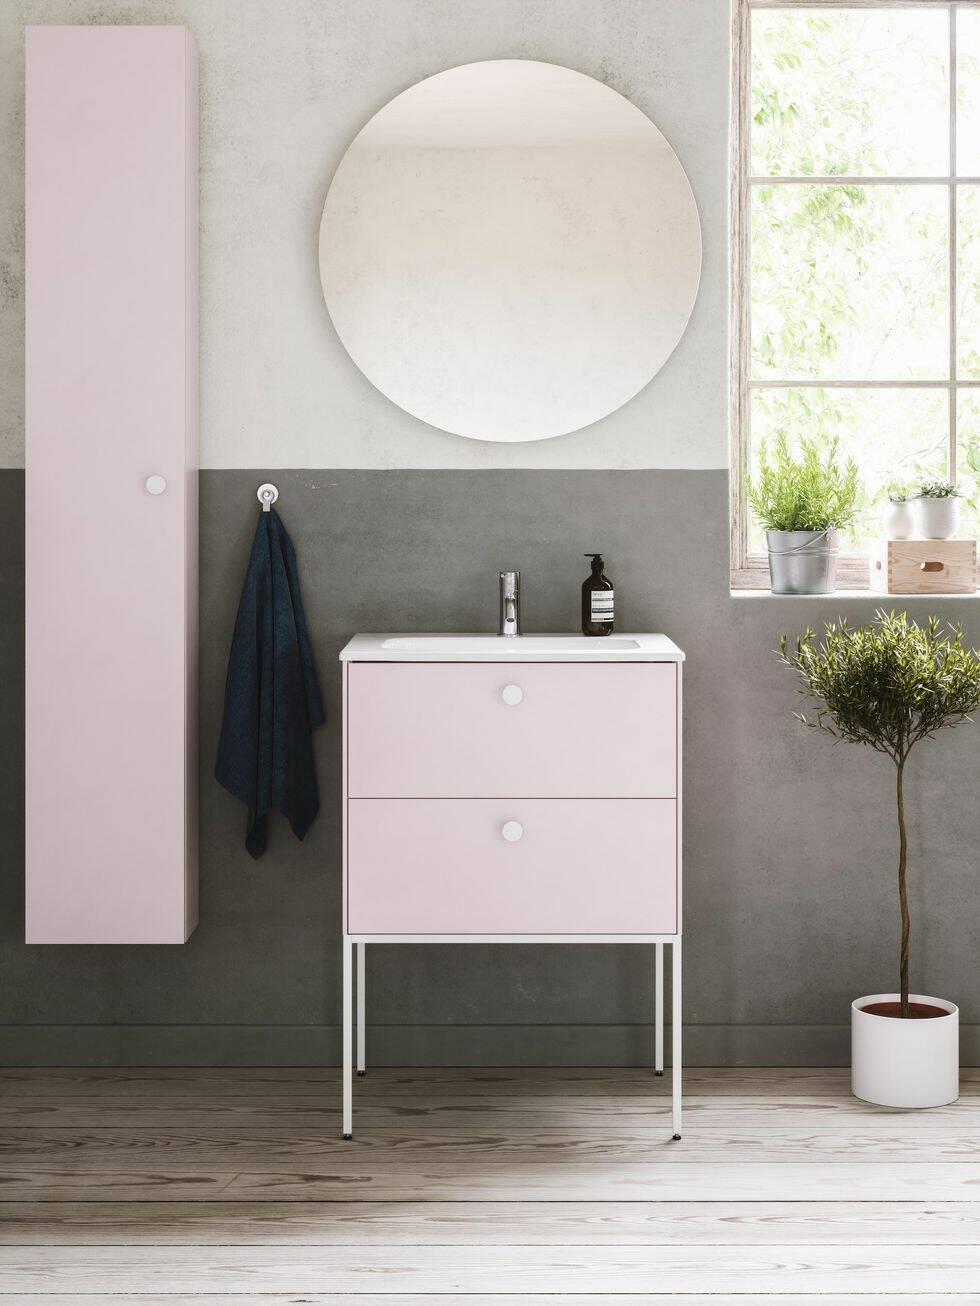 Tävla och vinn badrumsmöbel från Ballingslövs nya serie